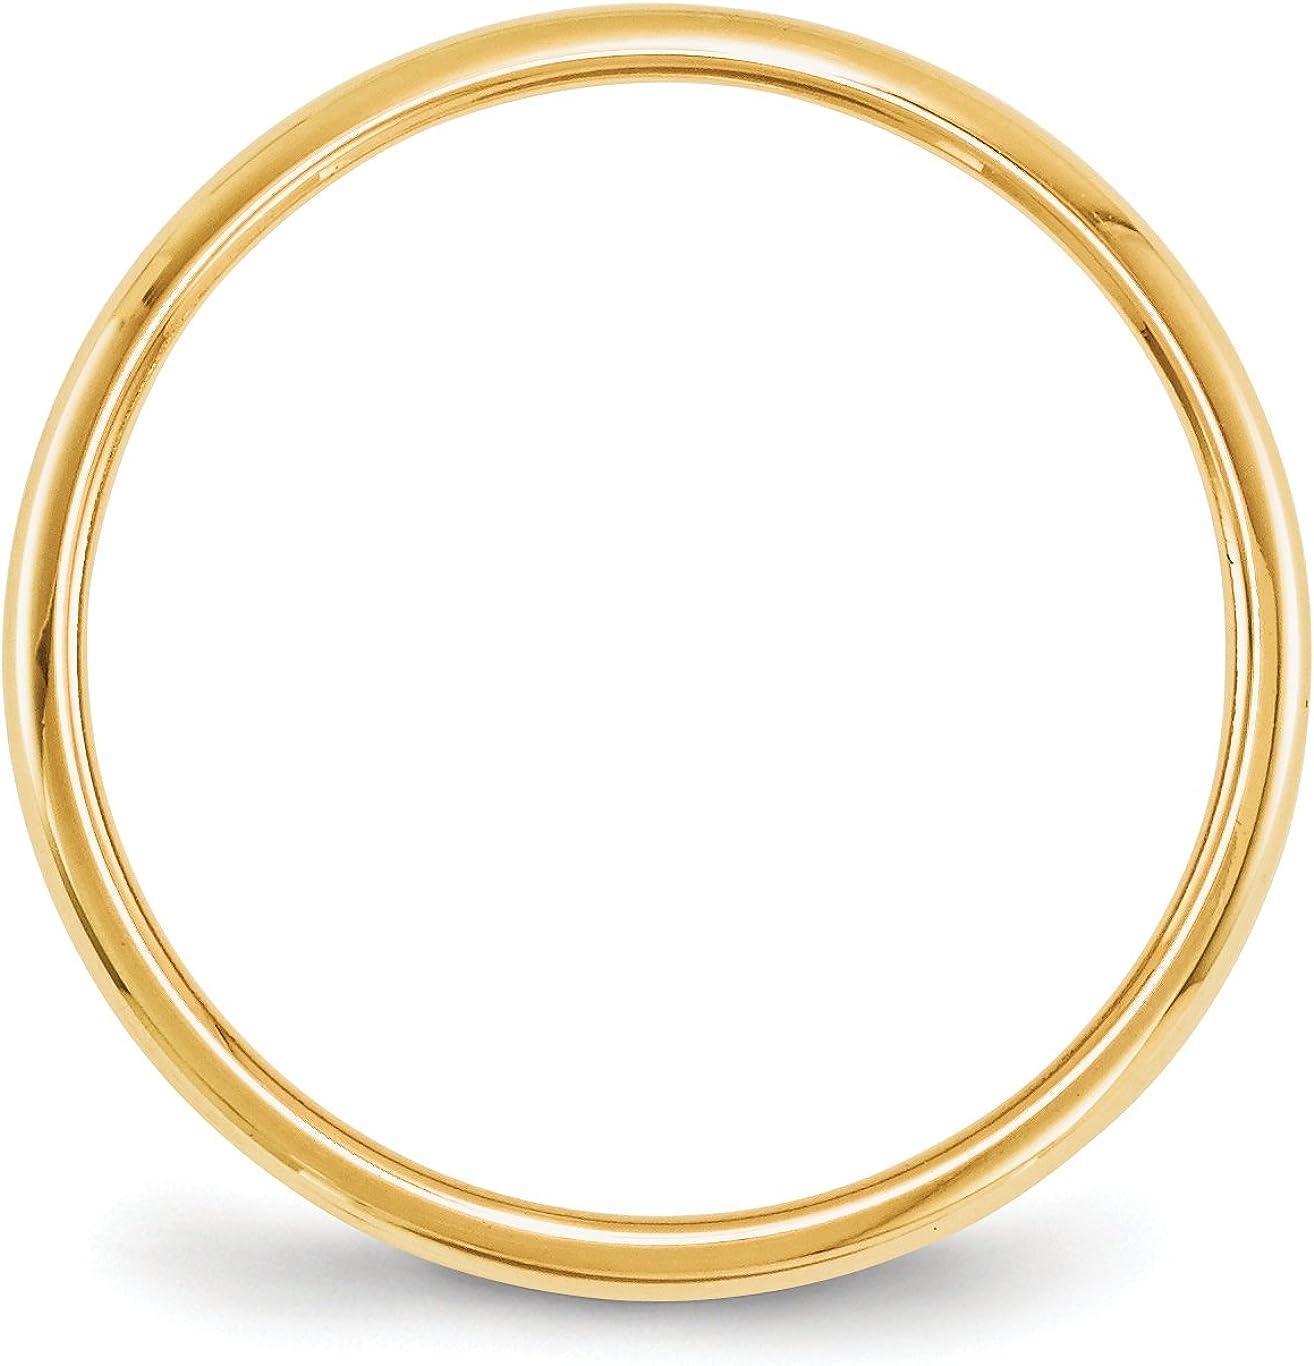 14K Yellow Gold 2mm Half Round Band